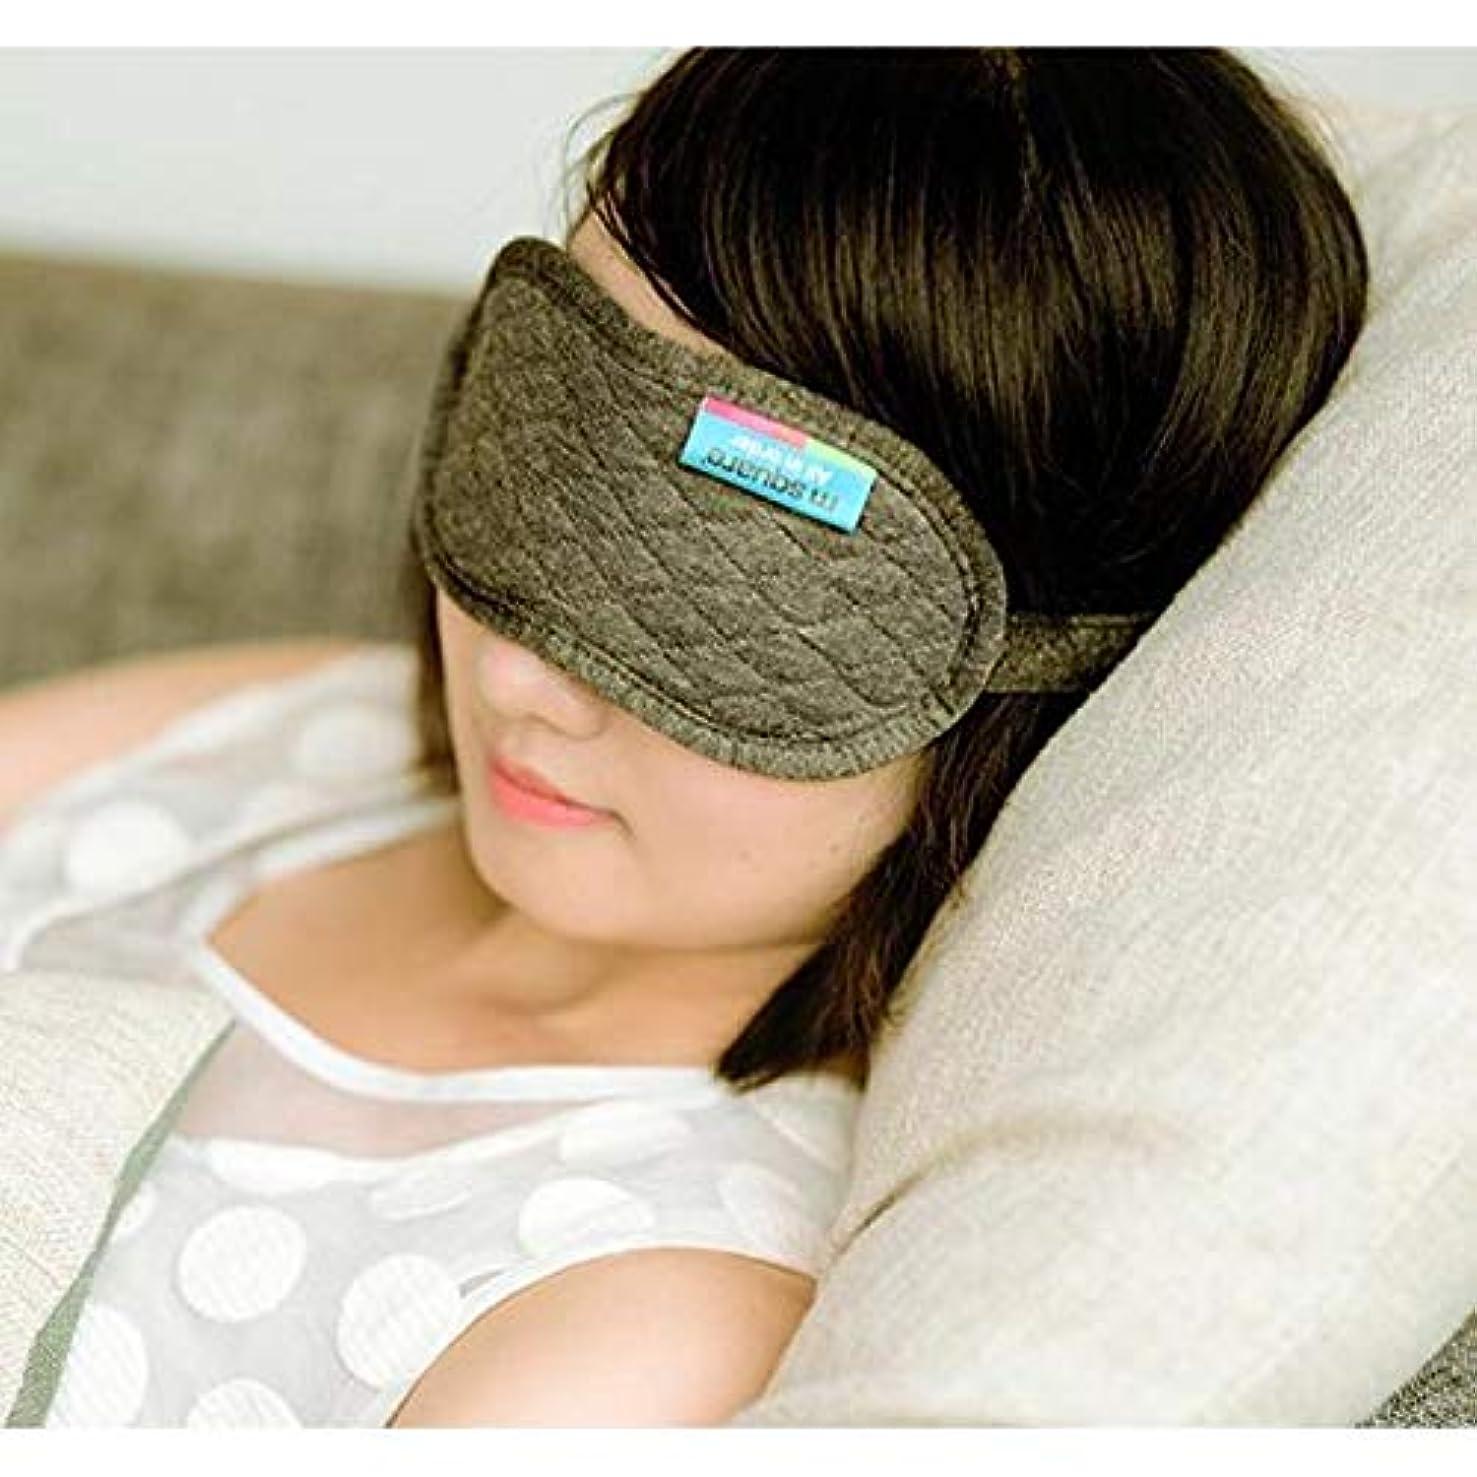 鉛筆信じる慣習NOTE 1ピースナチュラルスリーピングアイマスクアイシェード3dアイマスクトラベルツール低反発睡眠シェードカバー睡眠目隠しC2